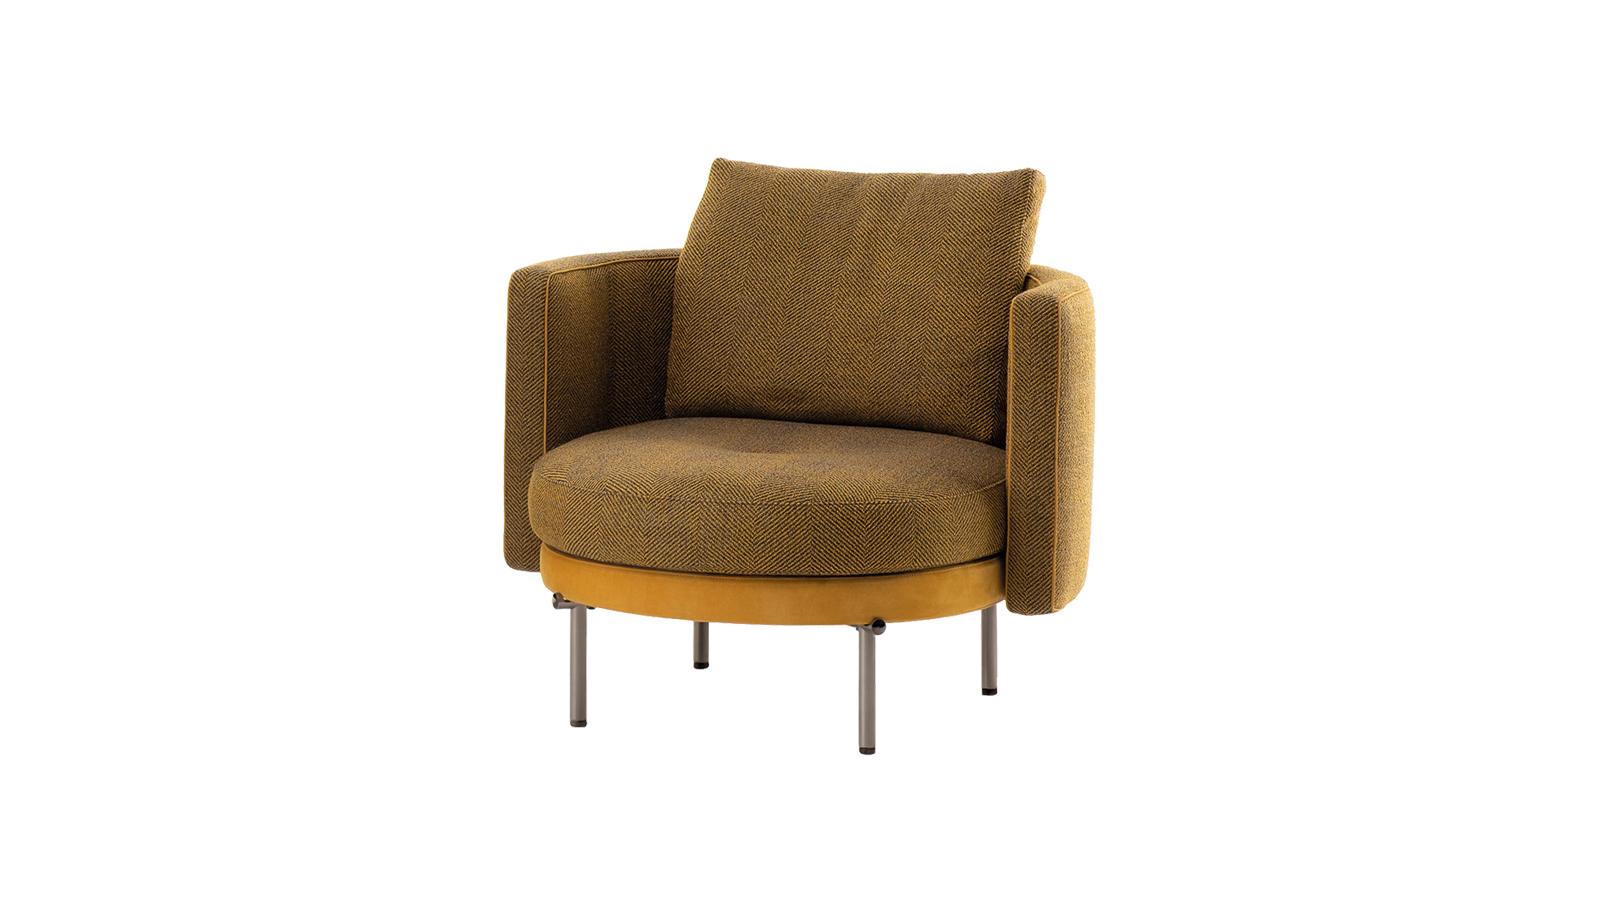 A modern európai formatervezés és a japán tradíciók harmonikus találkozása: ez a légies Torii szék. A nyurga fémötvezetű lábakat a tradicionális japán szakrális kapuk ihlették. A tiszteletet parancsoló struktúrát az ülőrész kerek és szögletes formáinak játéka töri meg, mely igazi mesterművé teszi a karfát.